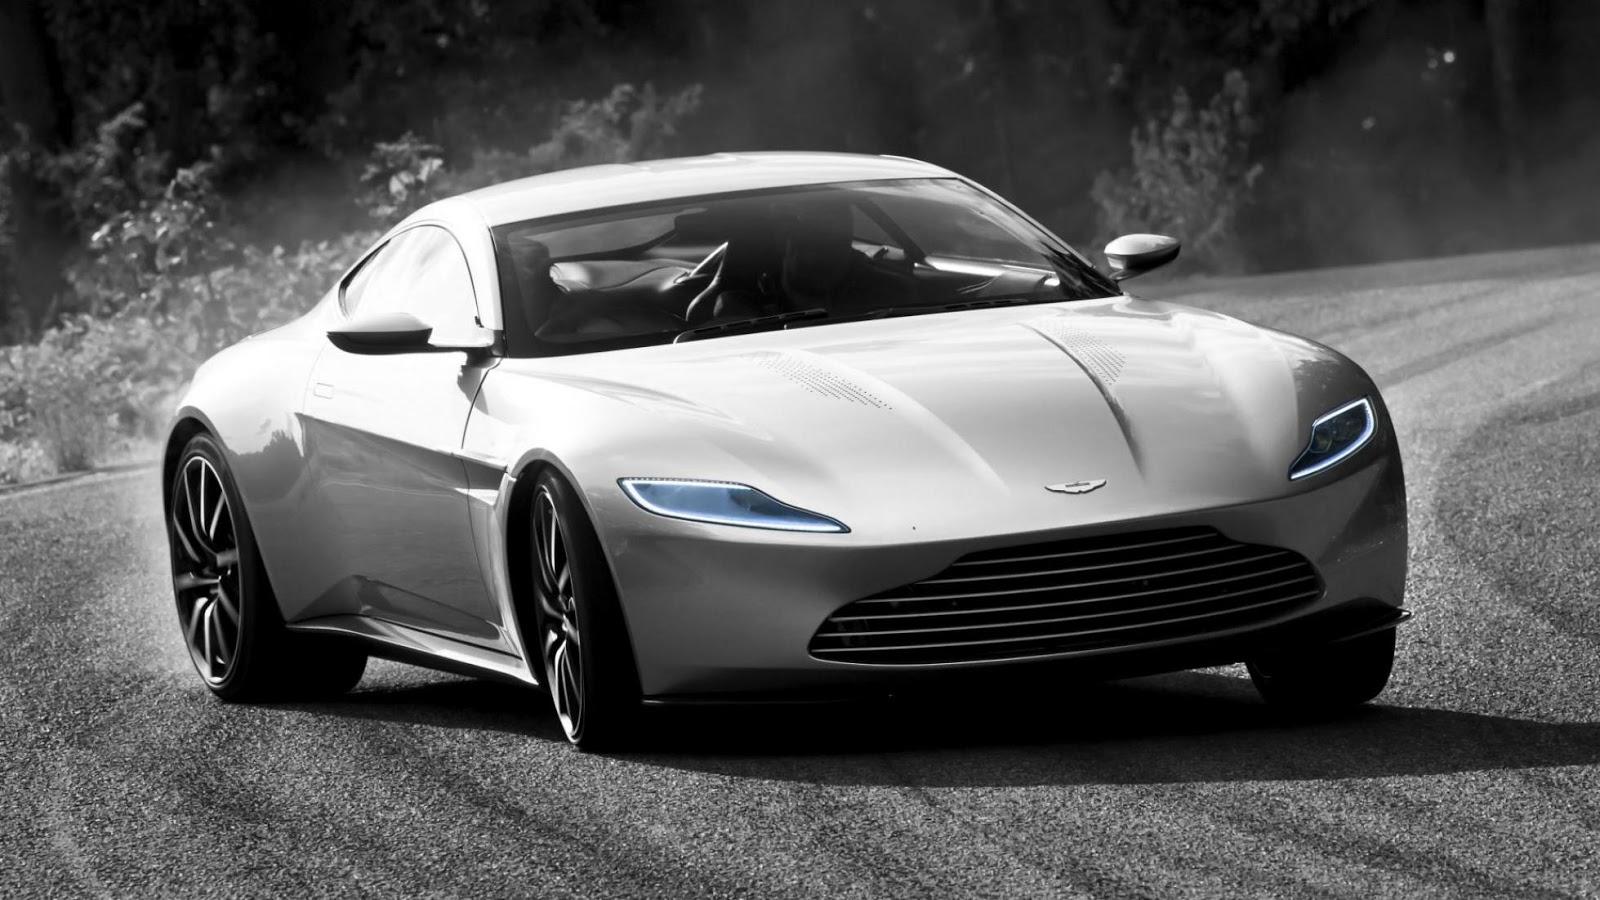 Siêu xe Aston Martin DB10 siêu phẩm tuyệt đẹp của hãng xe Anh Quốc